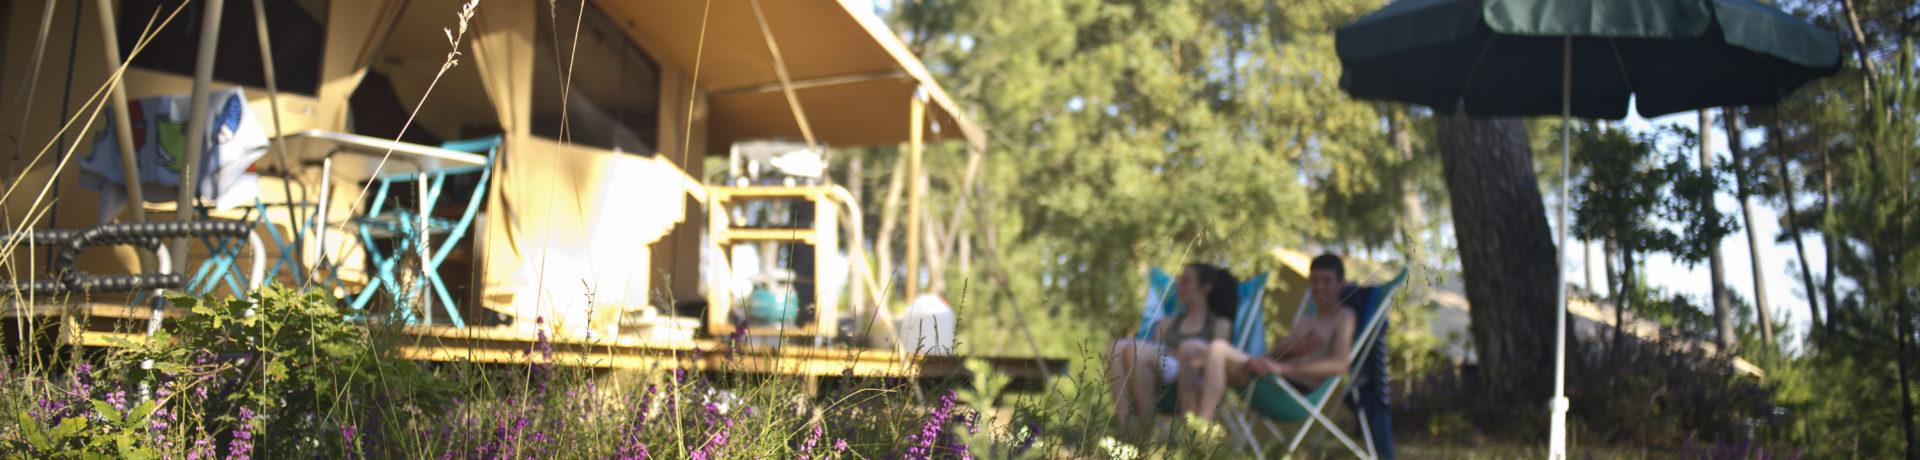 Camping Landes Sud is een mooie natuurcamping gelegen in de Landes op een paar kilometer van de oceaan. Op een kampeerplaats op deze camping sta je in een prachtig natuurgebied tussen verschillende soorten bomen, aan een per kano bevaarbare rivier die uitmondt in de Atlantische oceaan.